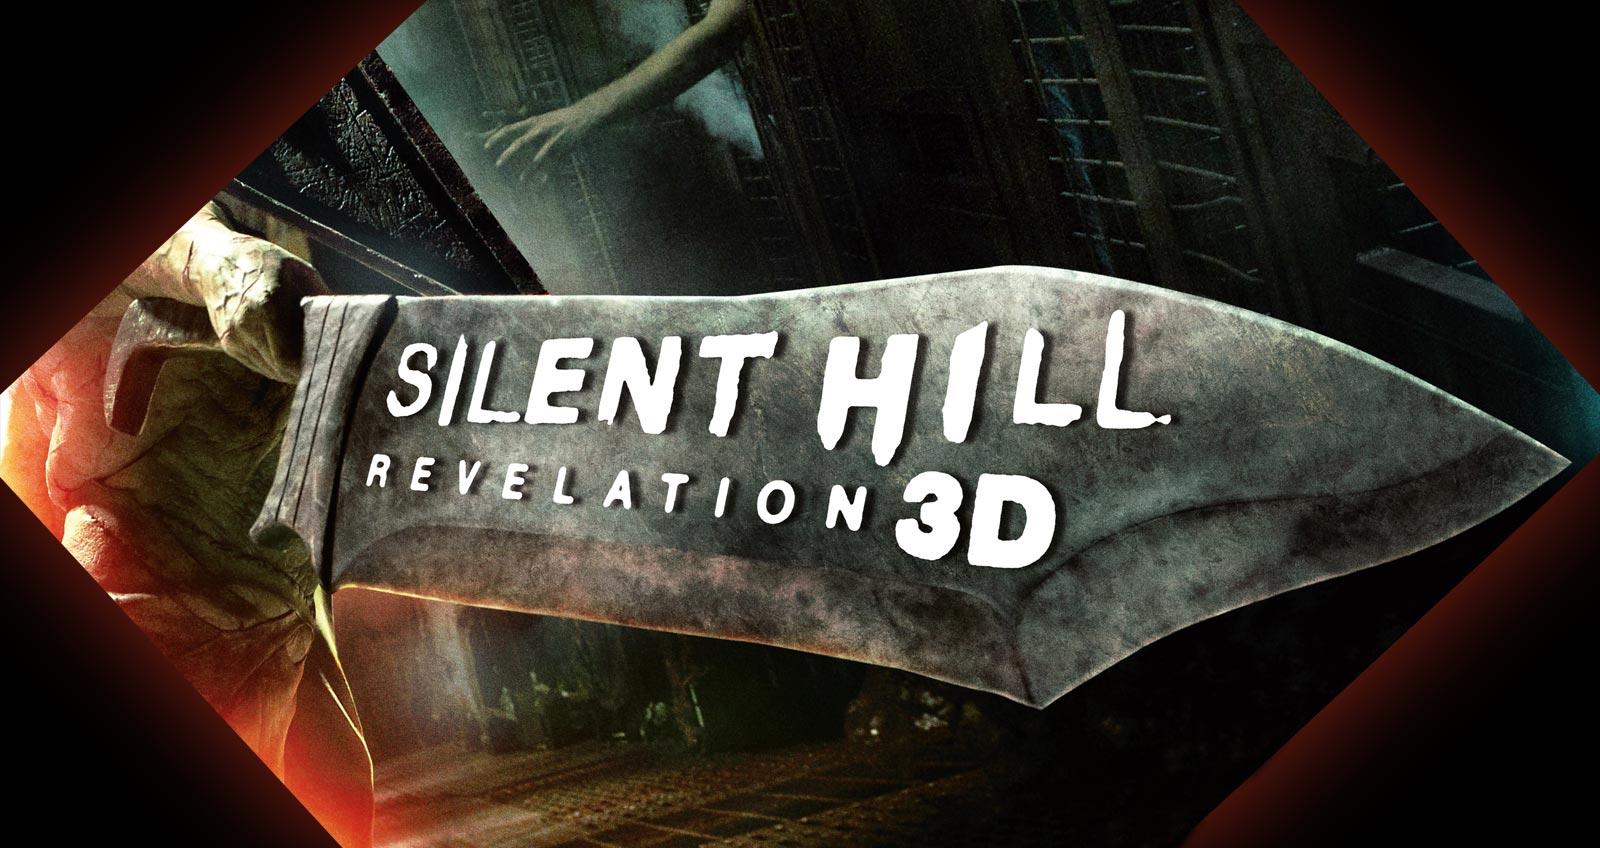 silent hill2 2012